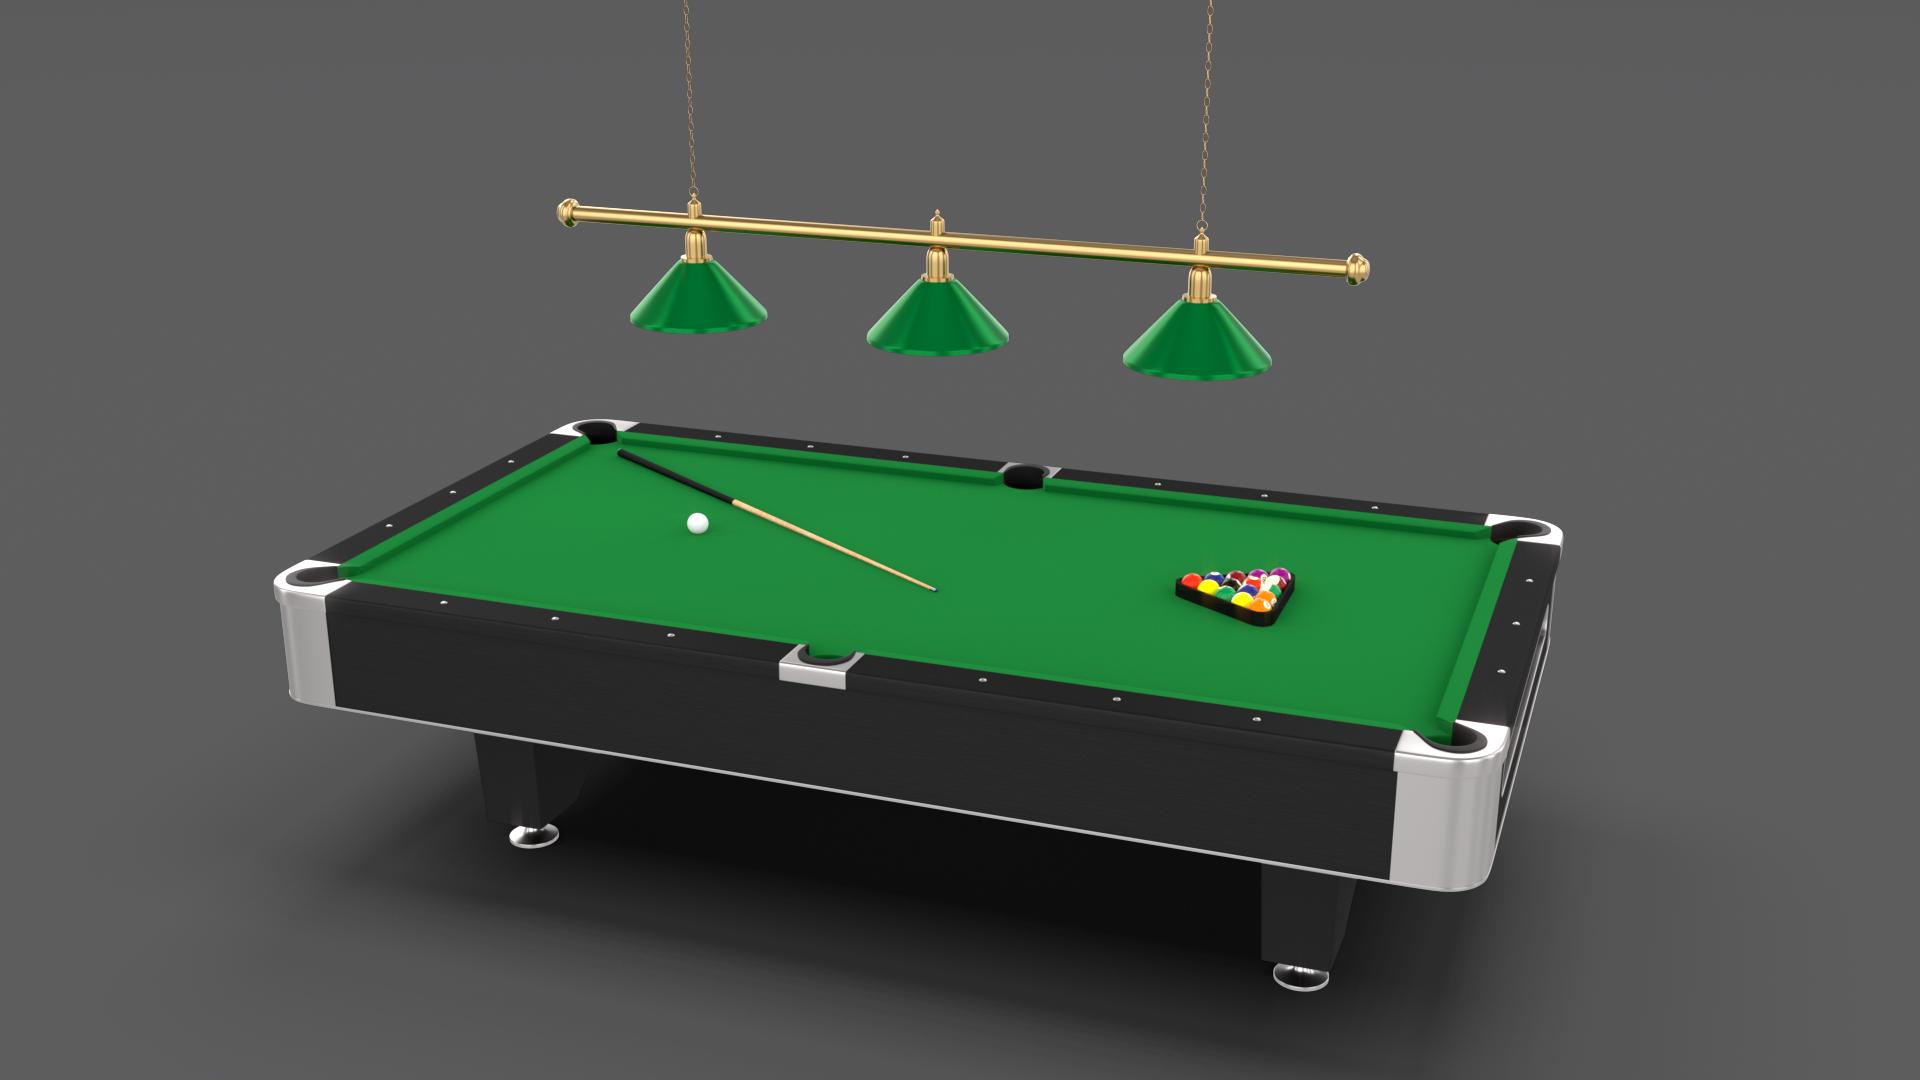 8 Ball Pool Table Setting Pool Table Pool Balls Table Settings